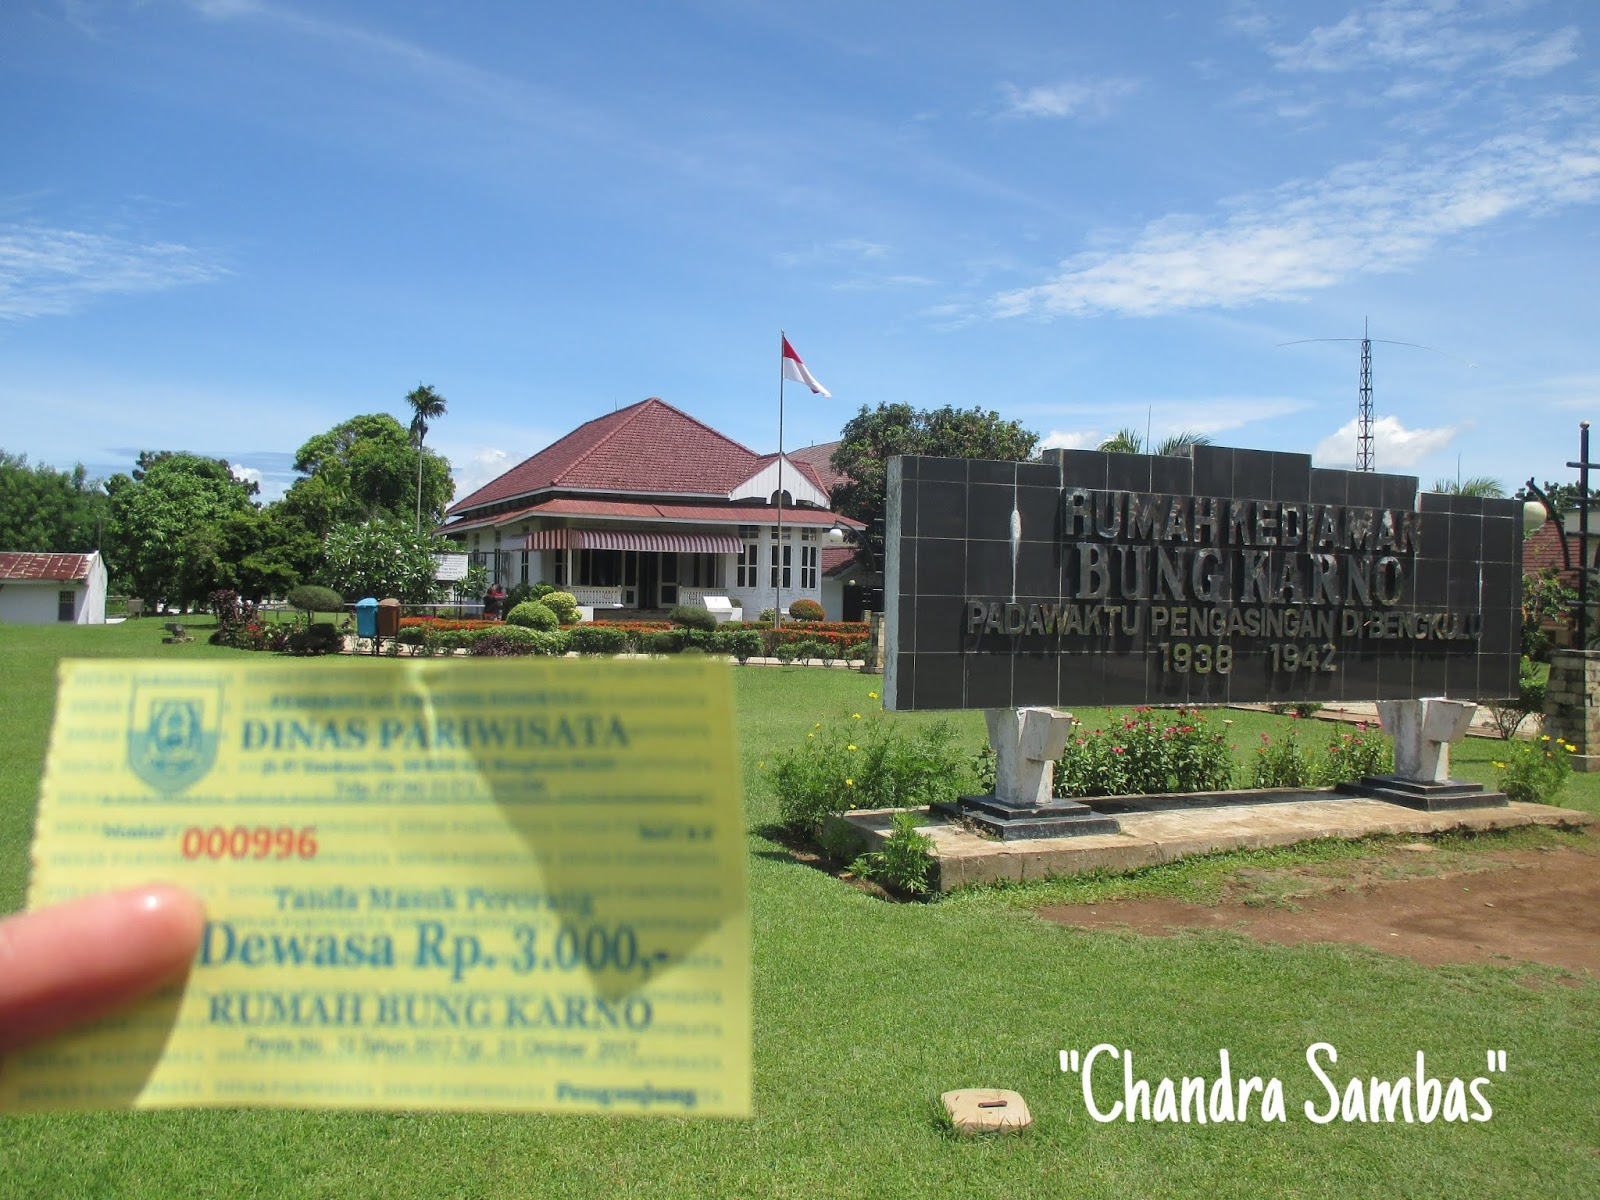 Backpacker Alam Dan Sejarah Wisata Sejarah Di Rumah Pengasingan Bung Karno Di Bengkulu